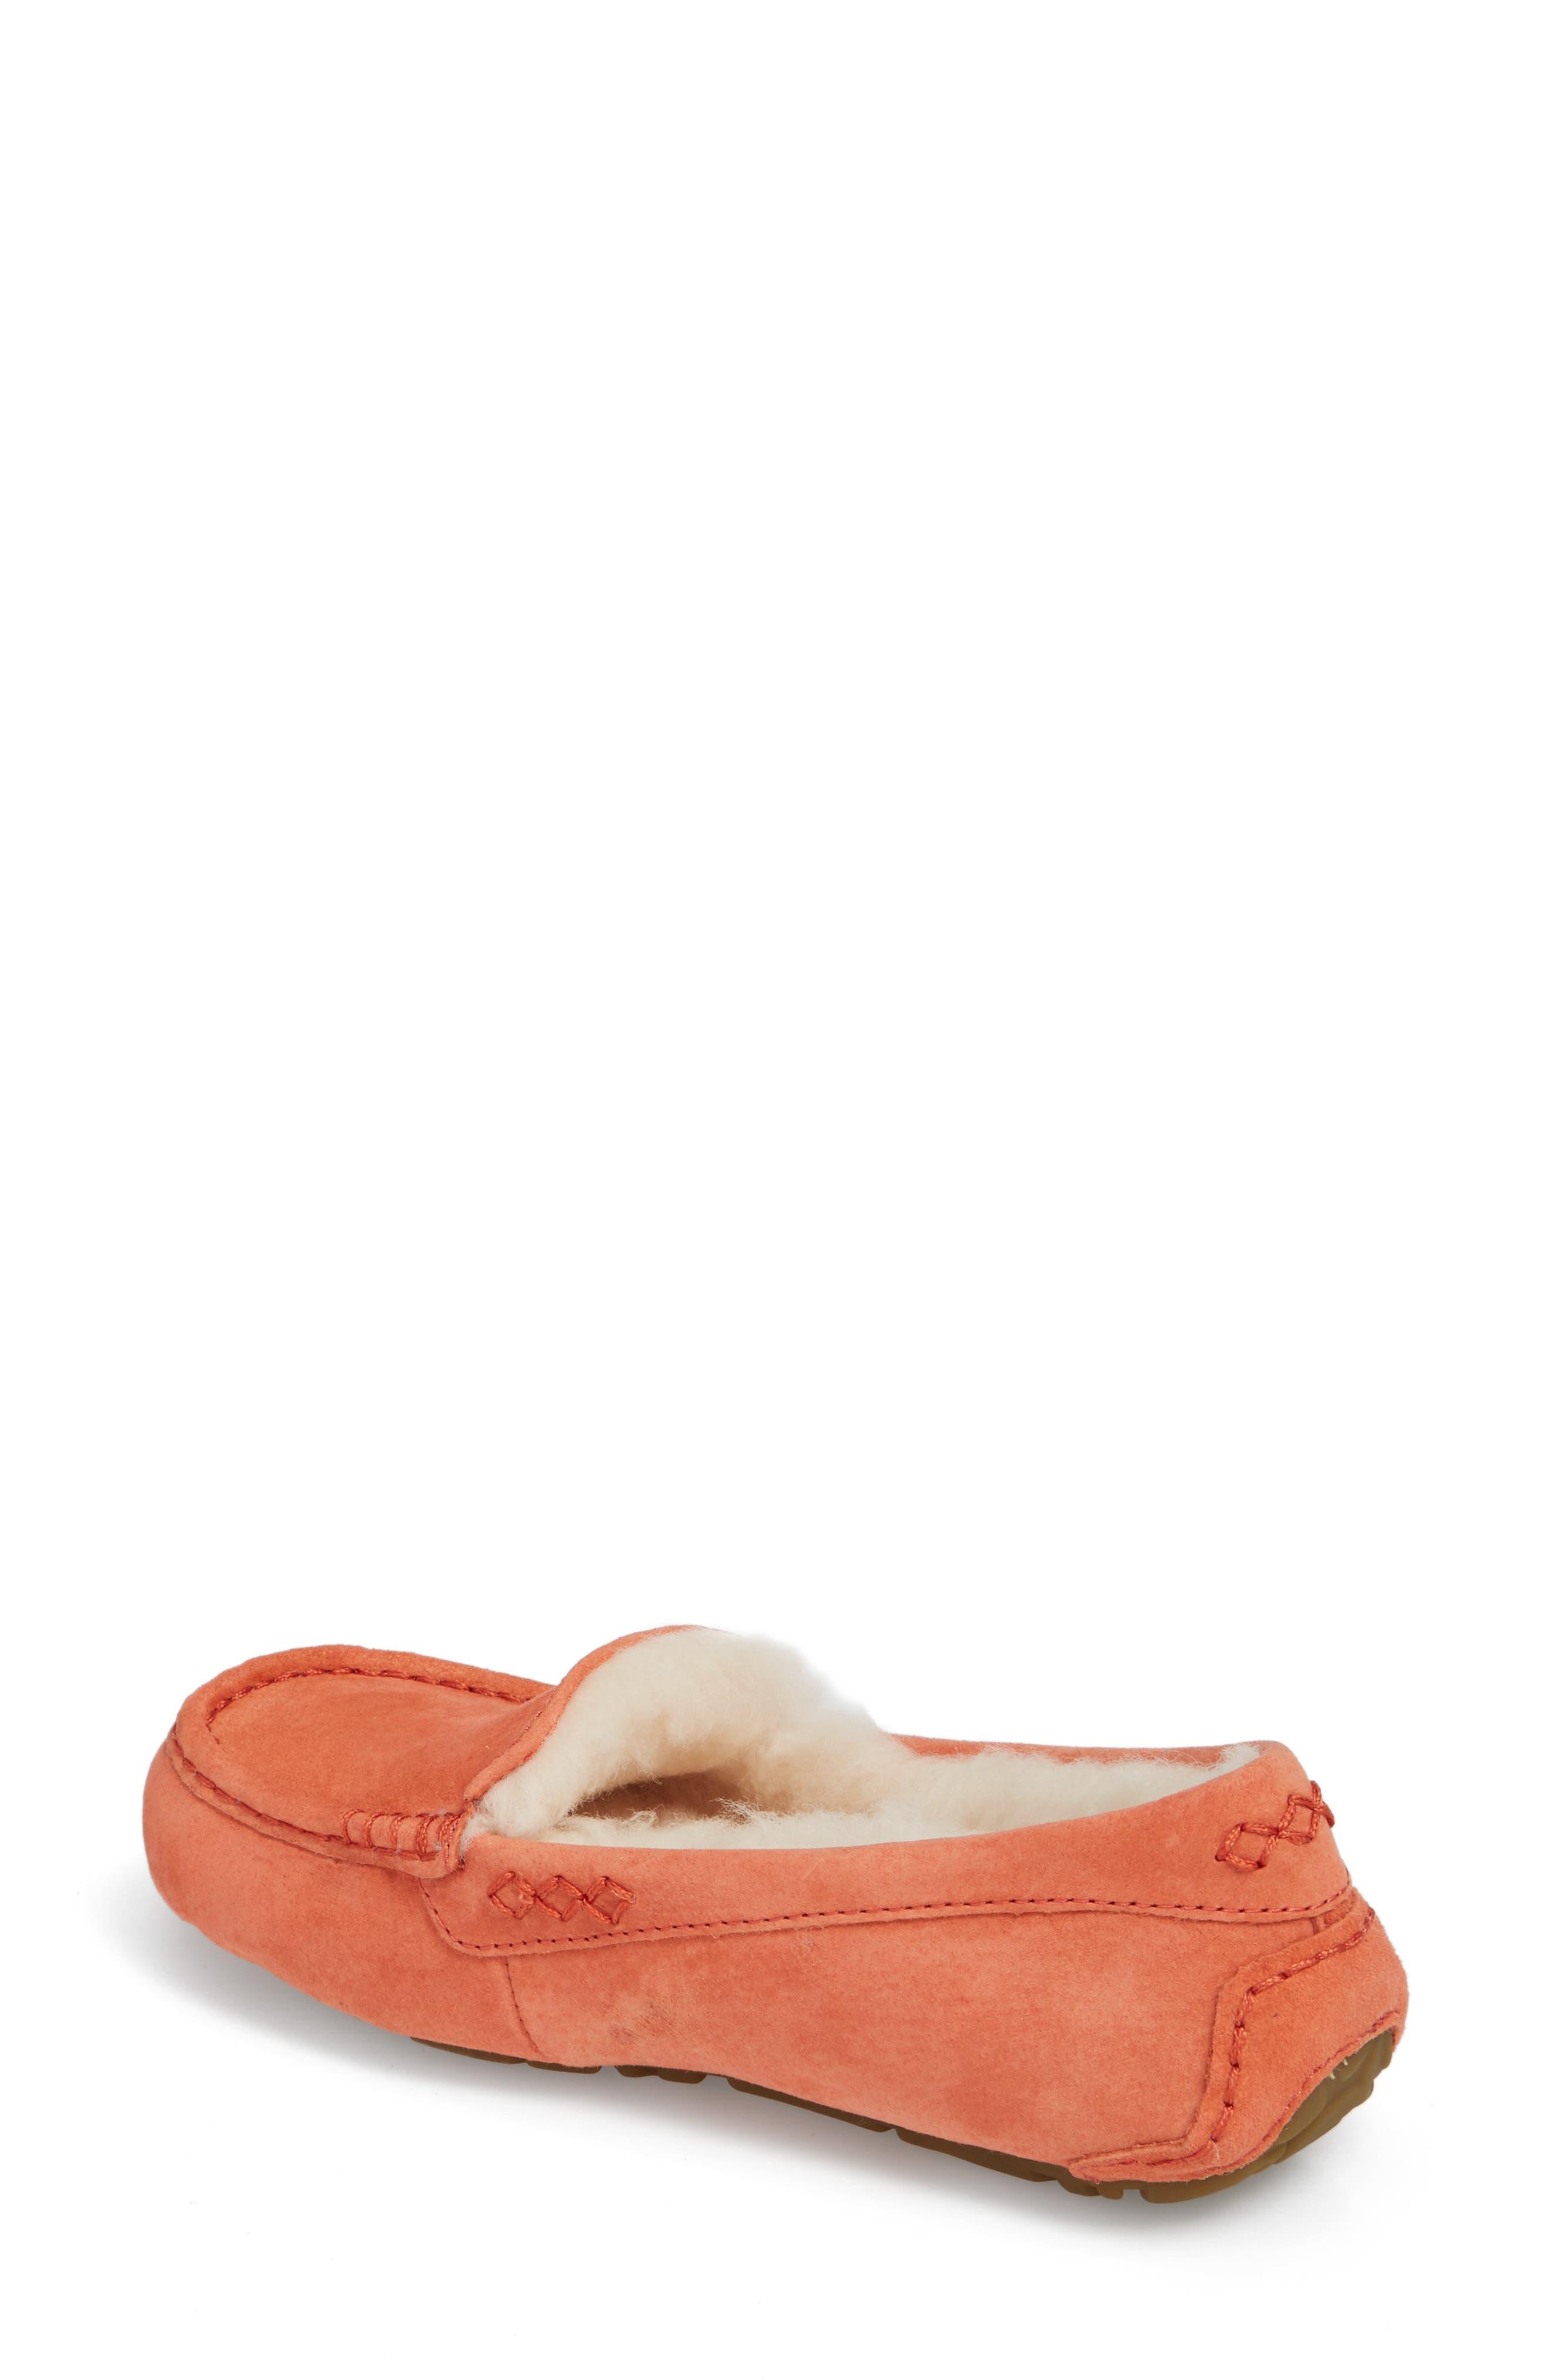 Alternate Image 2  - UGG® Ansley Water Resistant Slipper (Women)